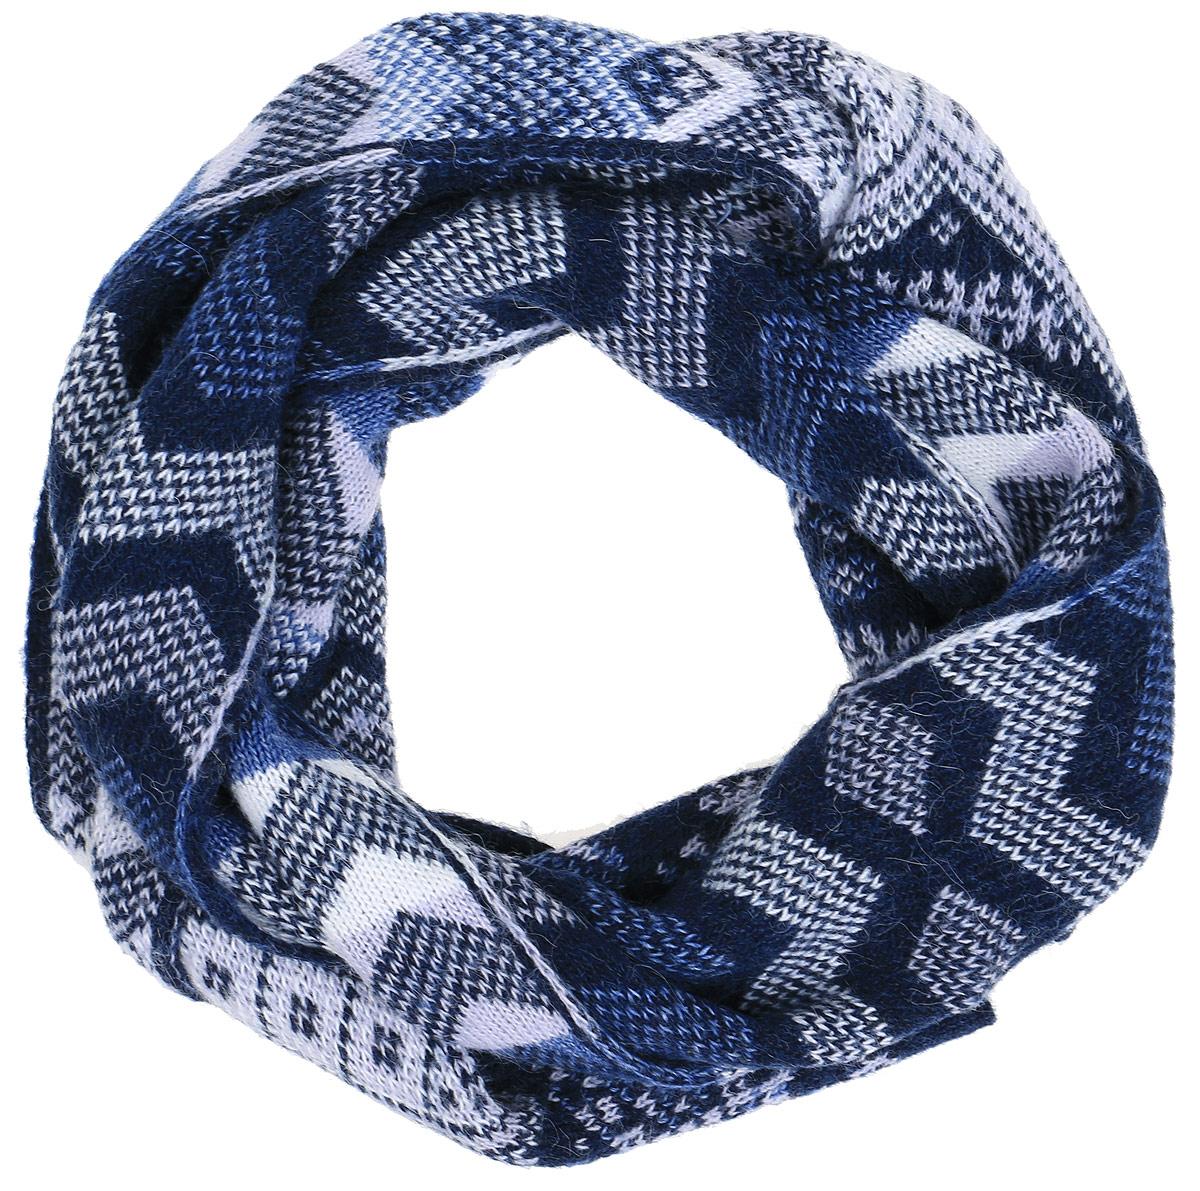 ШарфA16-12137_204Женский шарф Finn Flare станет отличным дополнением к вашему гардеробу в холодную погоду. Шарф, выполненный из шерсти с добавлением акрила, очень мягкий, теплый и приятный на ощупь. Модель оформлена вязаным орнаментом. Современный дизайн и расцветка делают этот шарф модным и стильным женским аксессуаром. Он подарит вам ощущение тепла, комфорта и уюта.